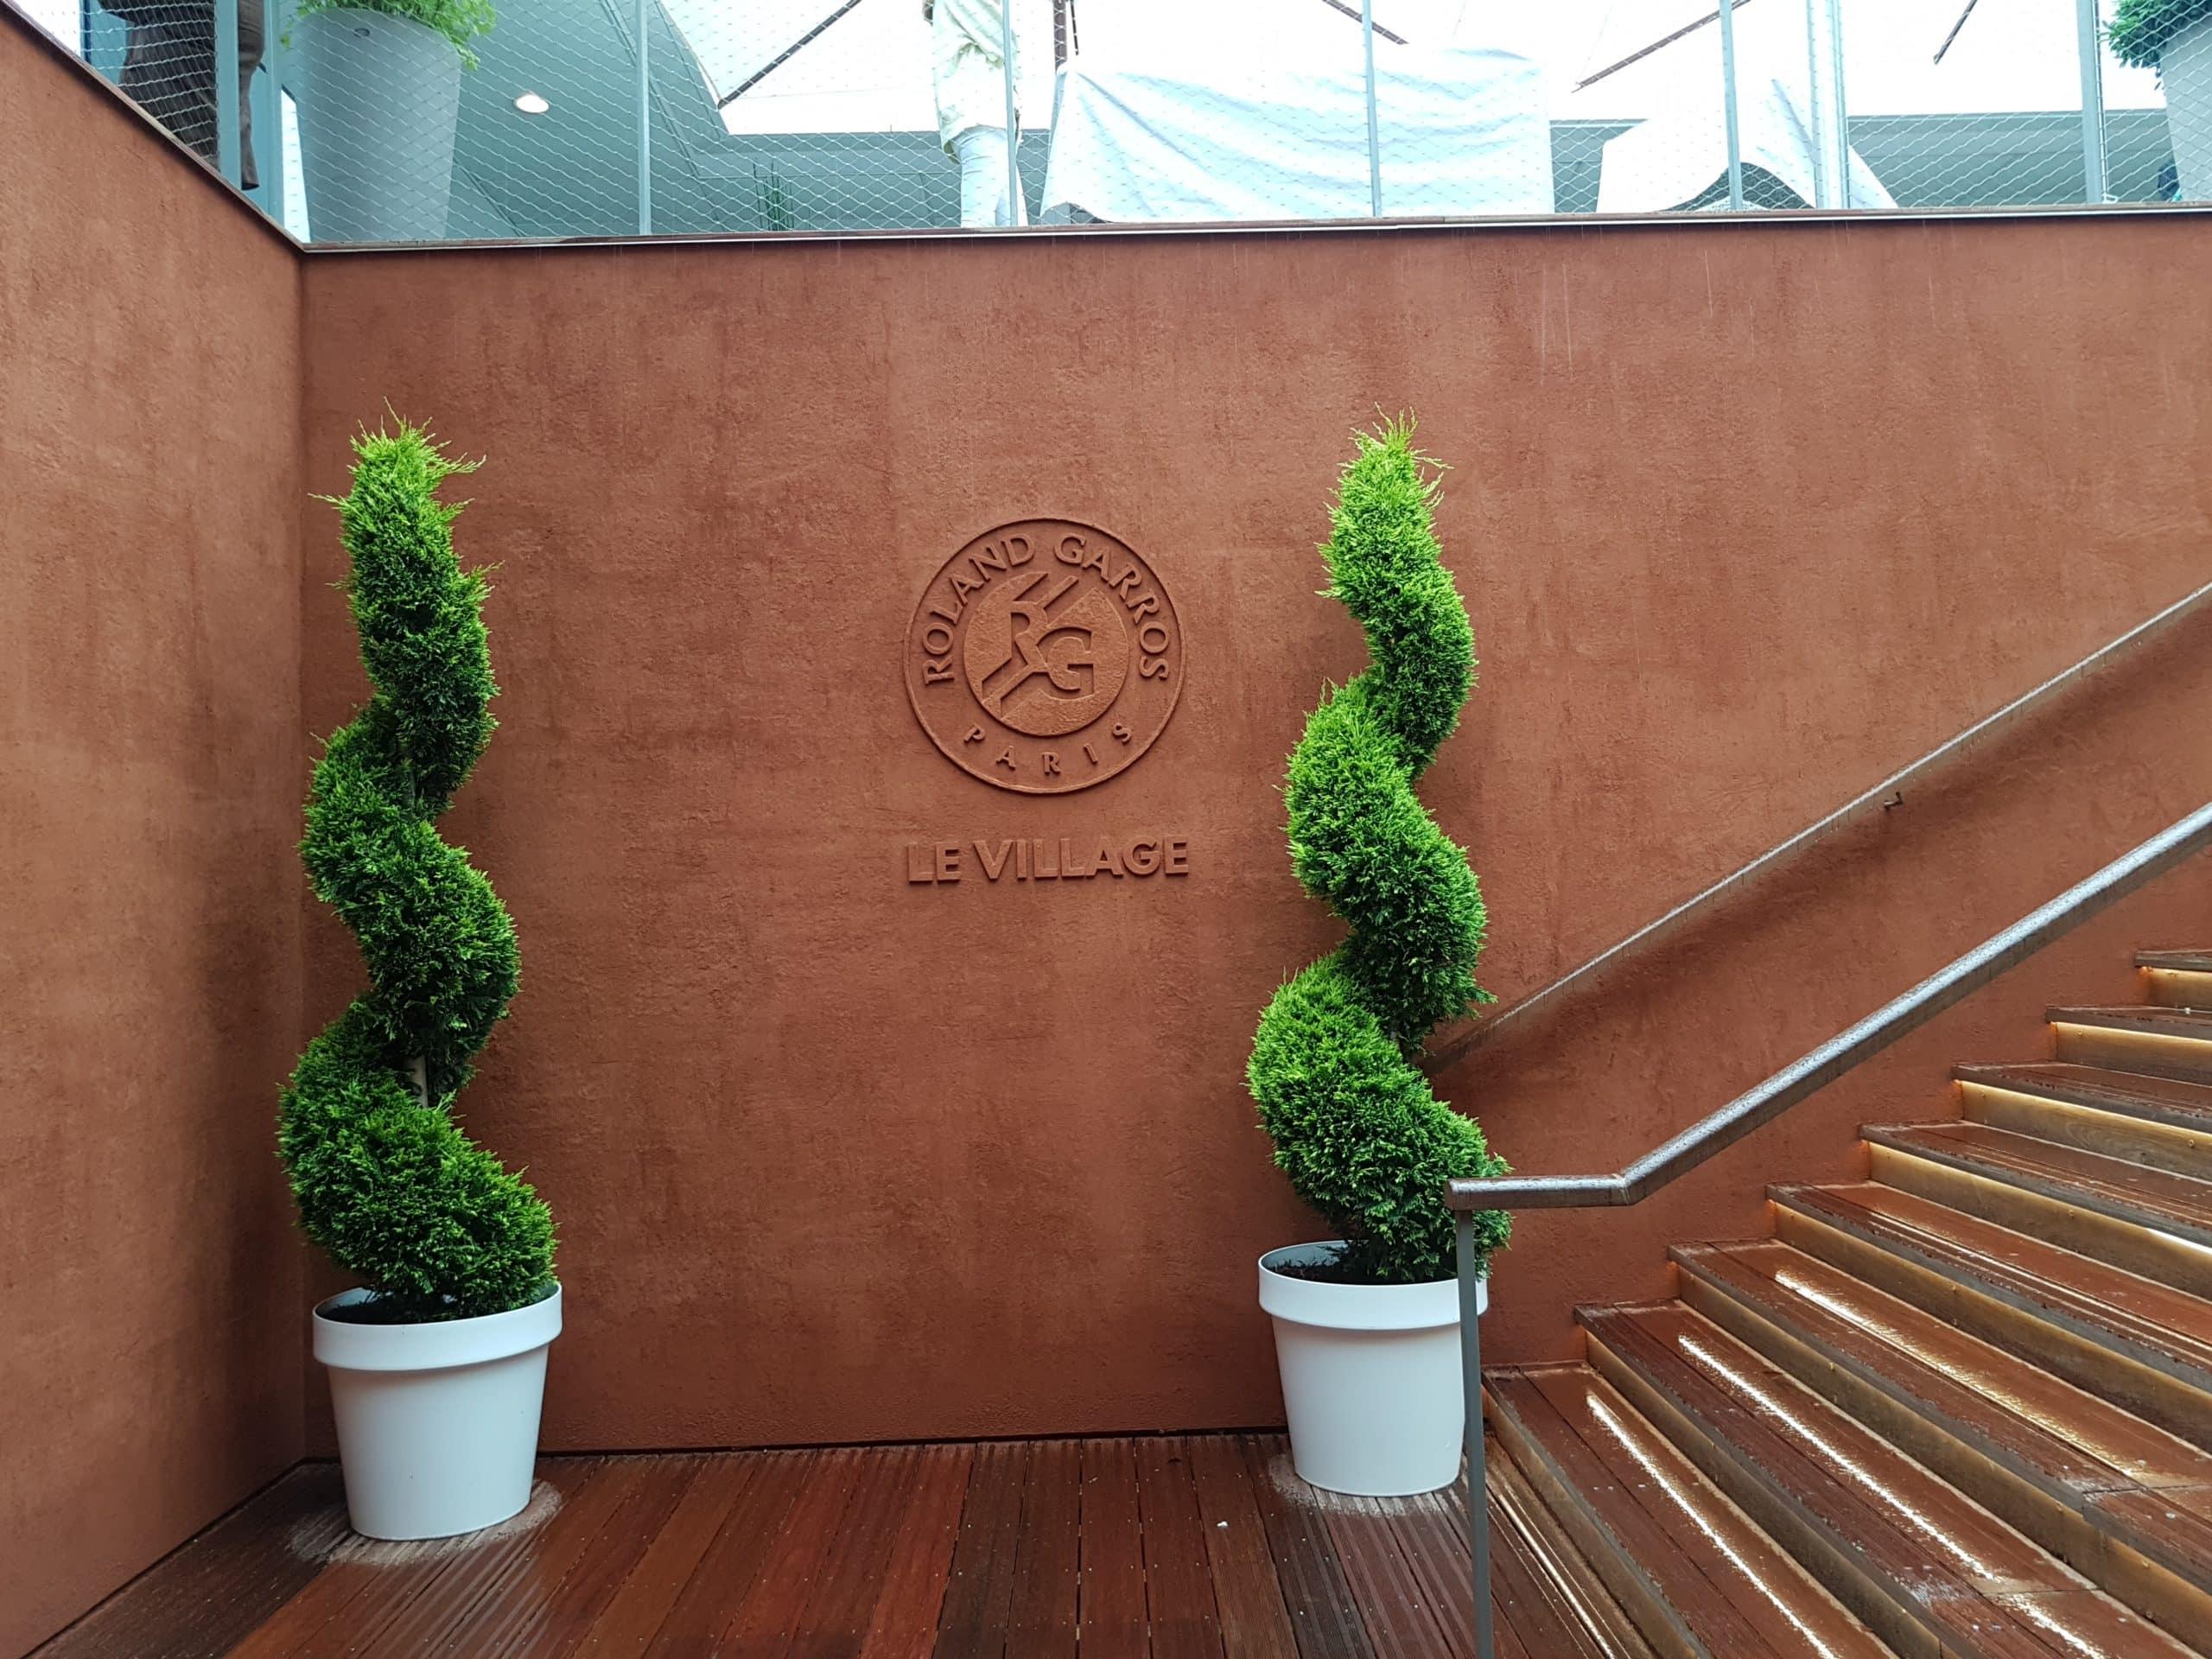 Entrée intérieure du Village entre le patio et le couloir muséal. Le logo de Roland-Garros est désormais embossée sur tous les supports : murs comme sièges.